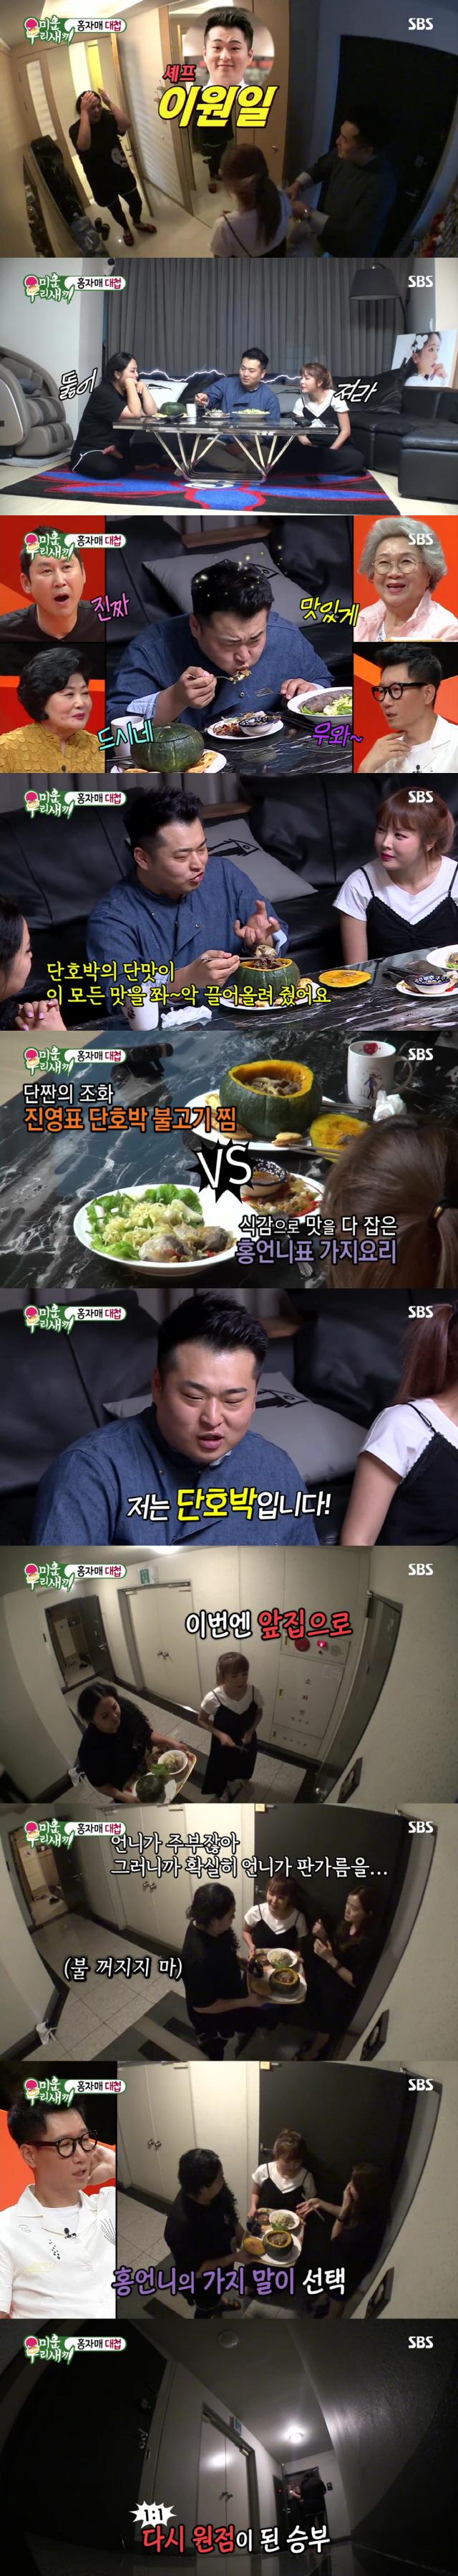 '미운 우리 새끼' 이원일 셰프 등장, 홍자매의 '요리 대첩' 결과 '최고의 1분'